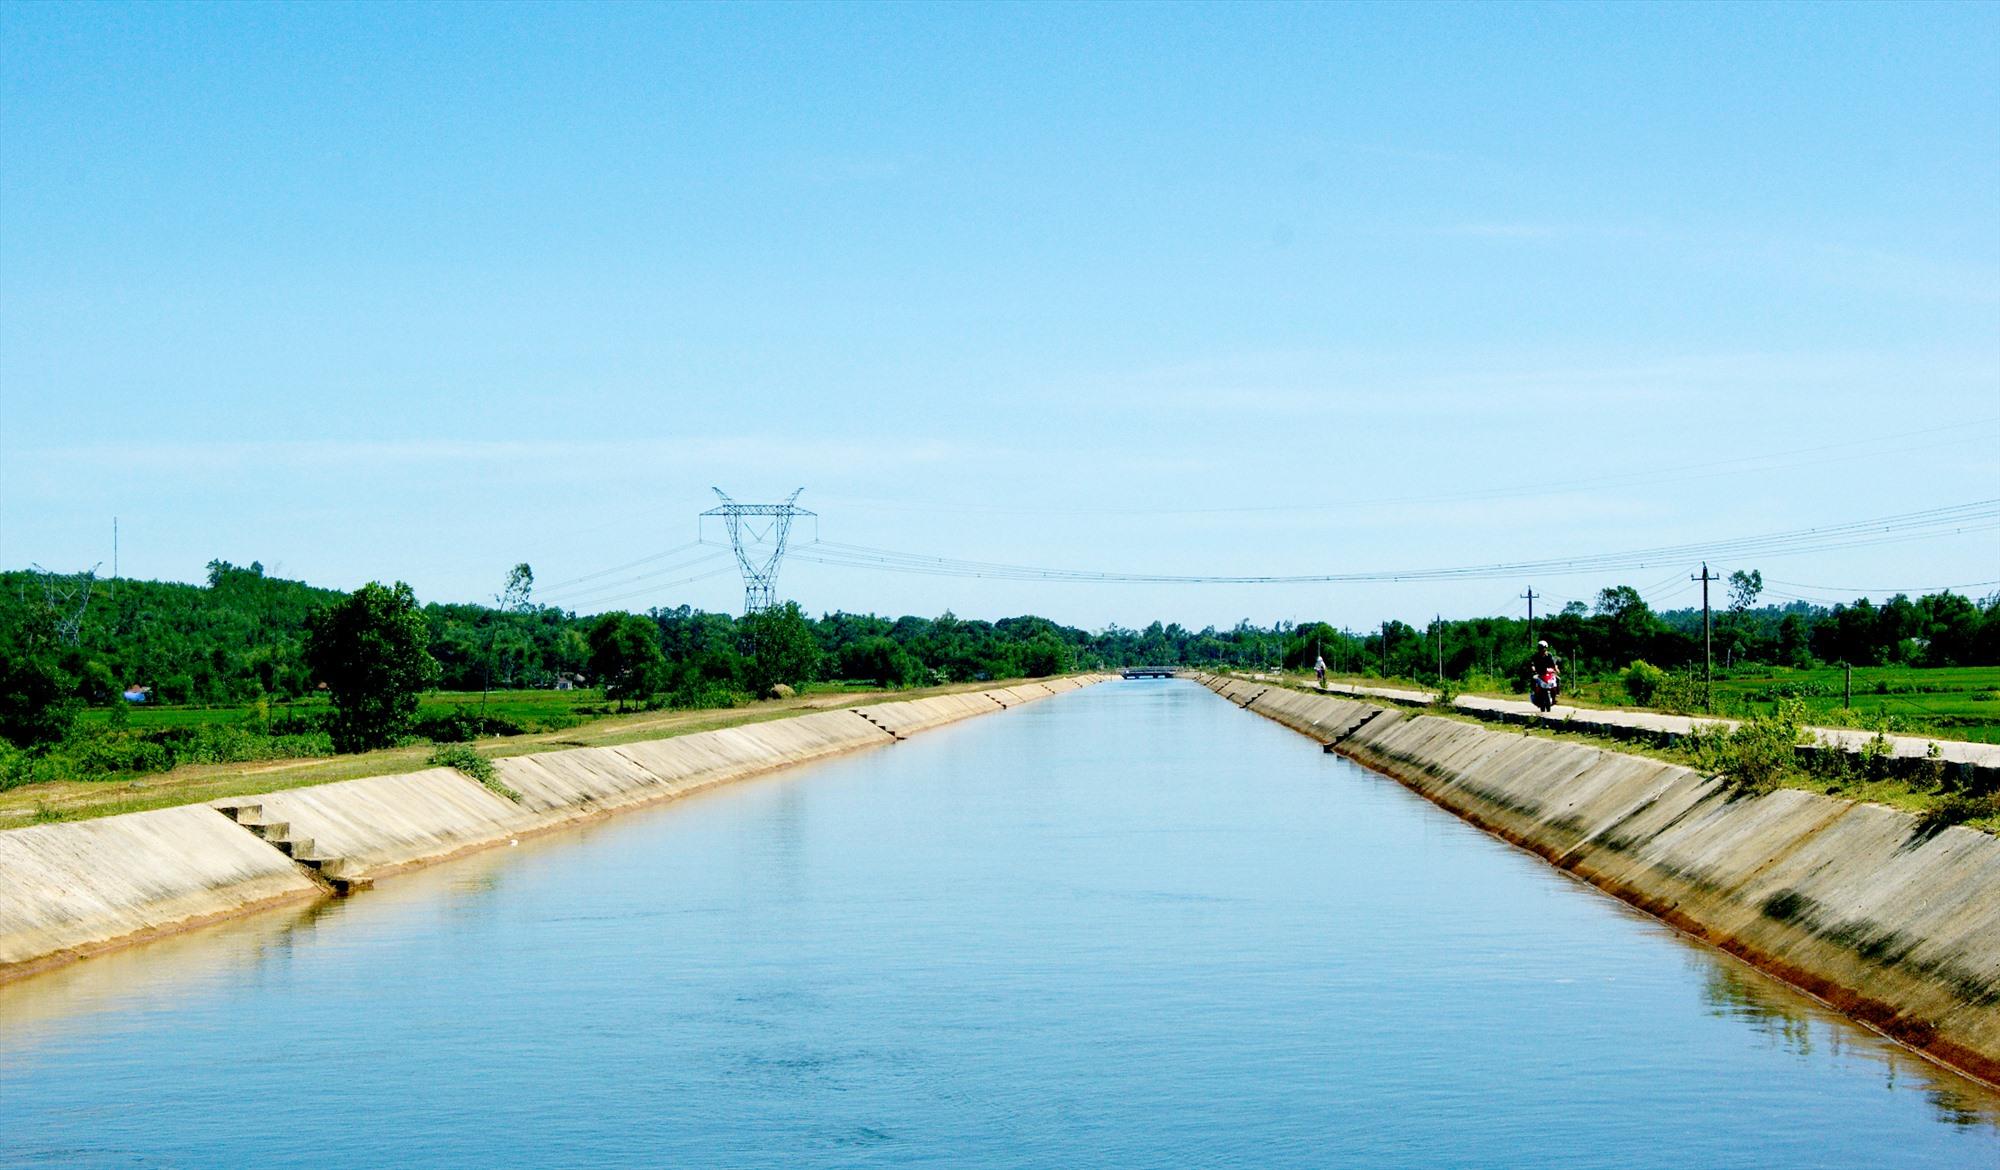 Kênh dẫn nước thủy lợi Phú Ninh. Ảnh: P.THẢO